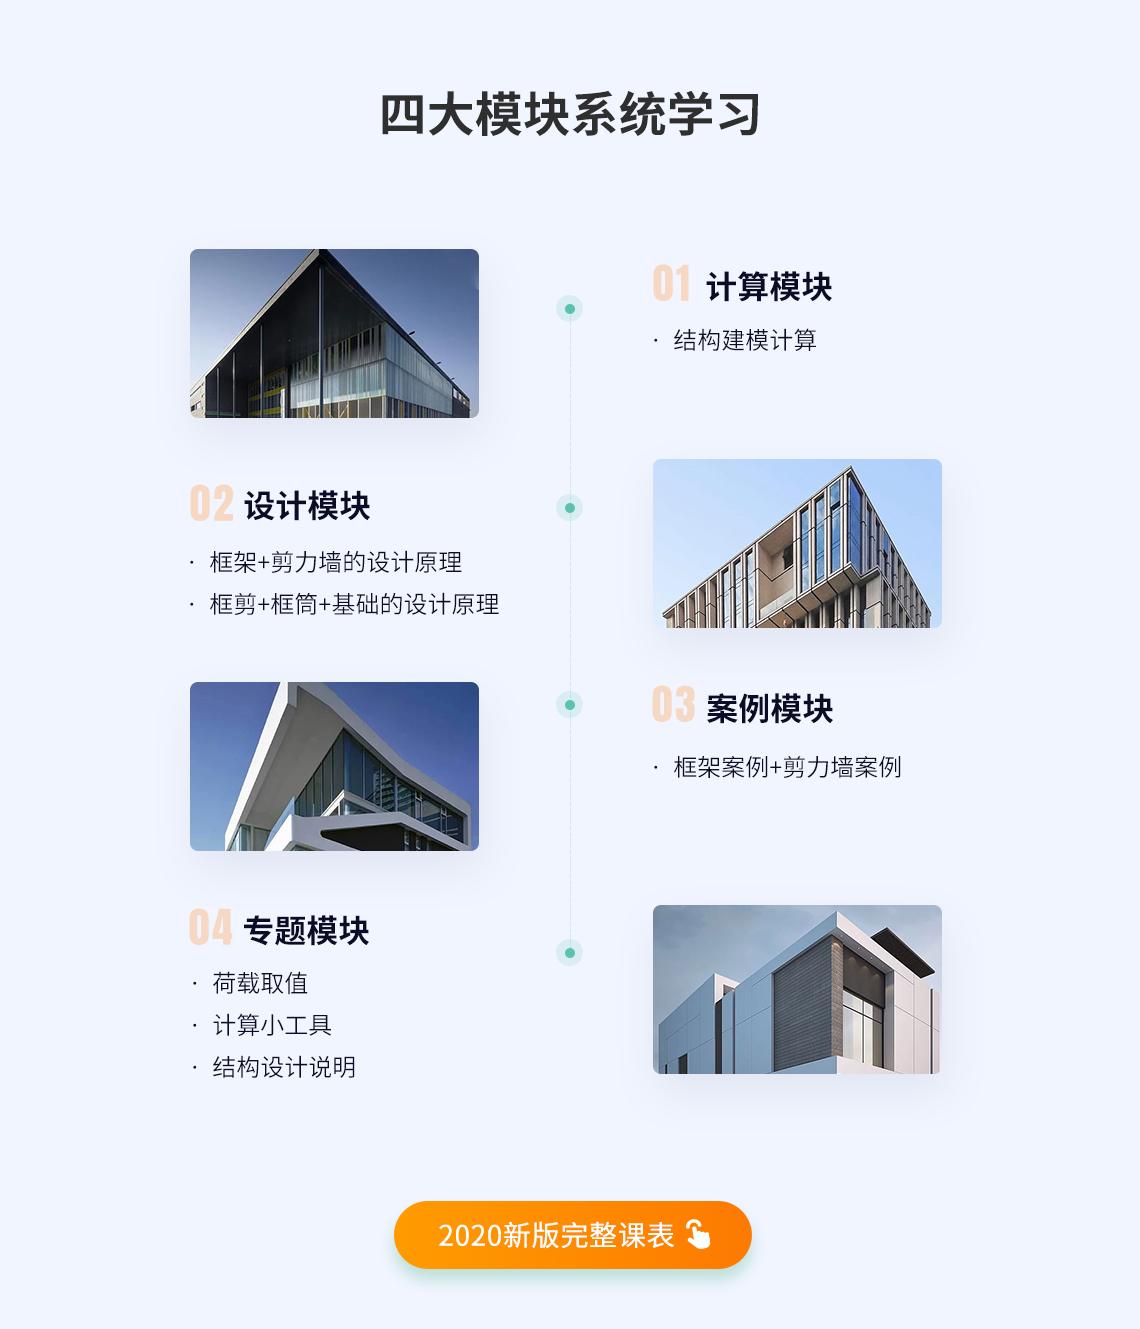 全流程案例教学,讲解混凝土结构设计,框架结构设计,框剪结构设计,结构设计软件,梁板墙柱设计要点,结构建模计算,结构施工图绘制等